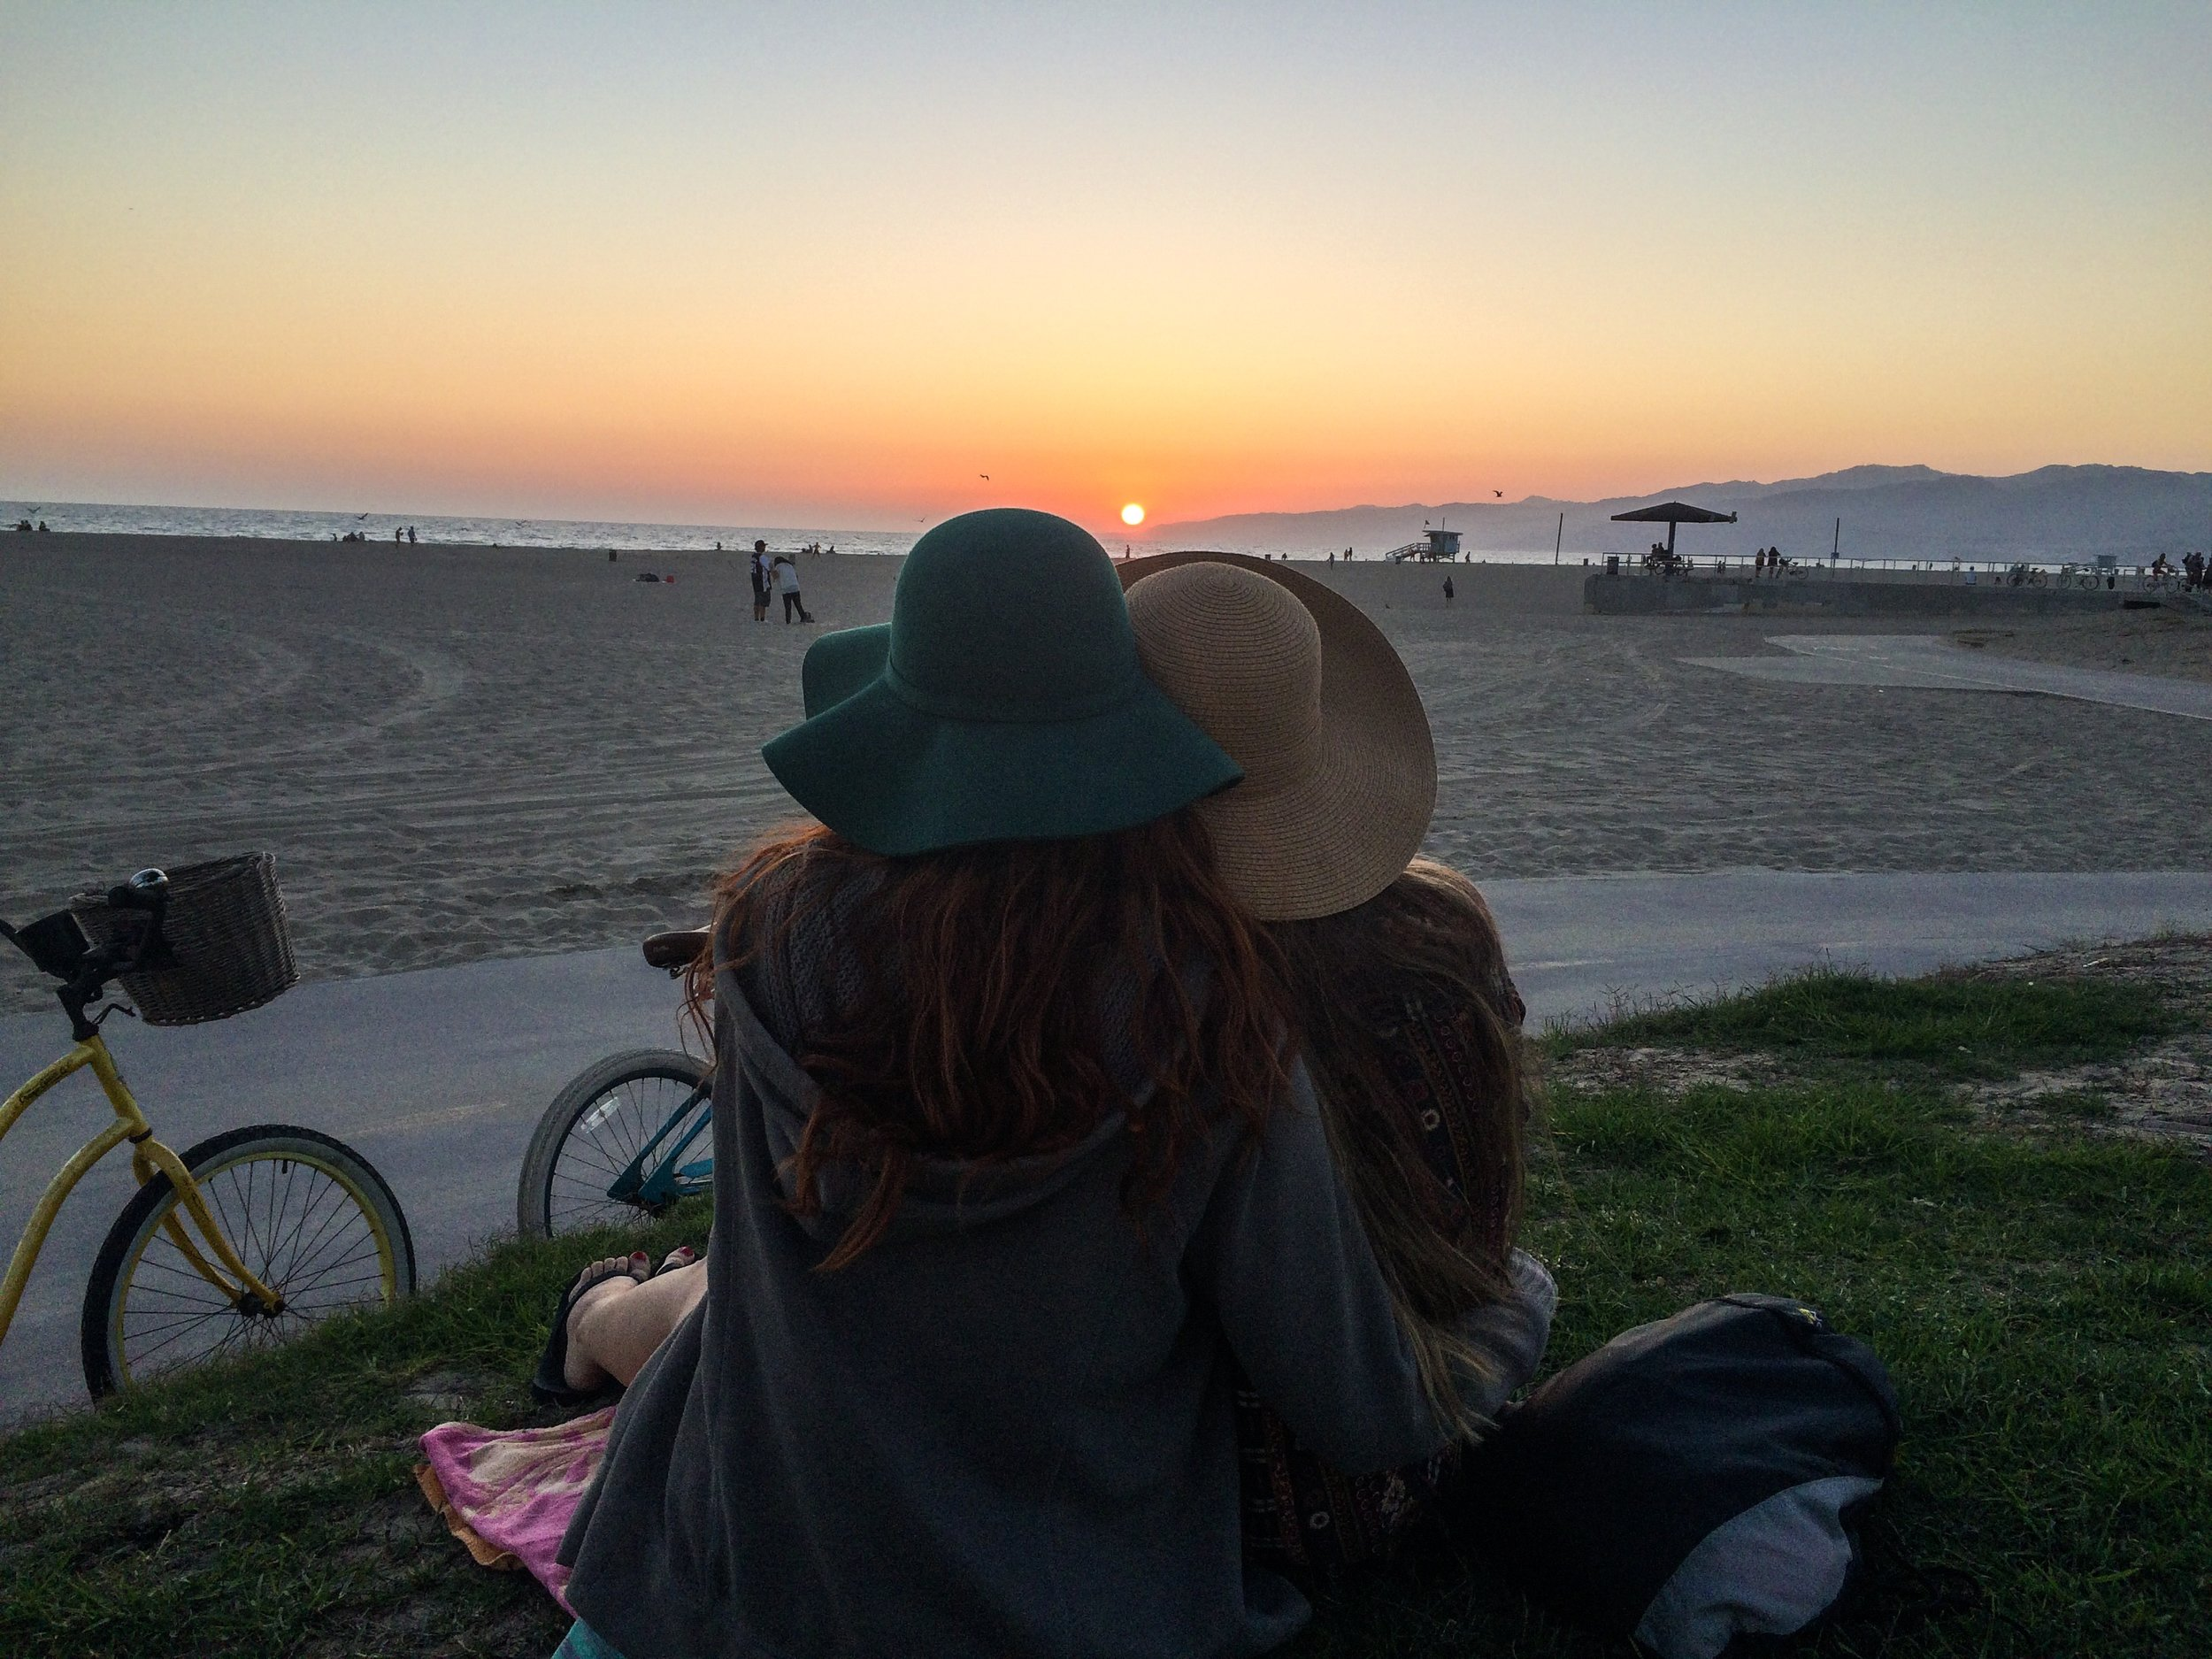 Venice Beach in Los Angeles, CA